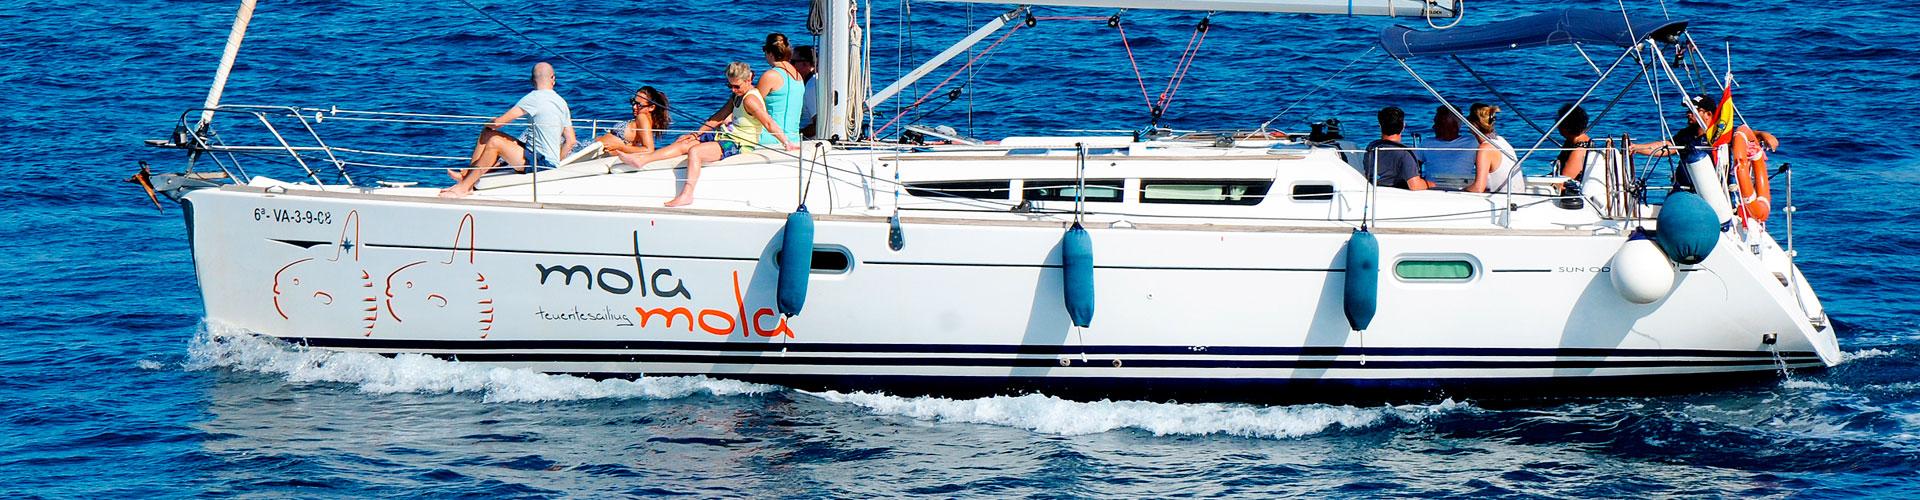 Sailboat Mola Mola